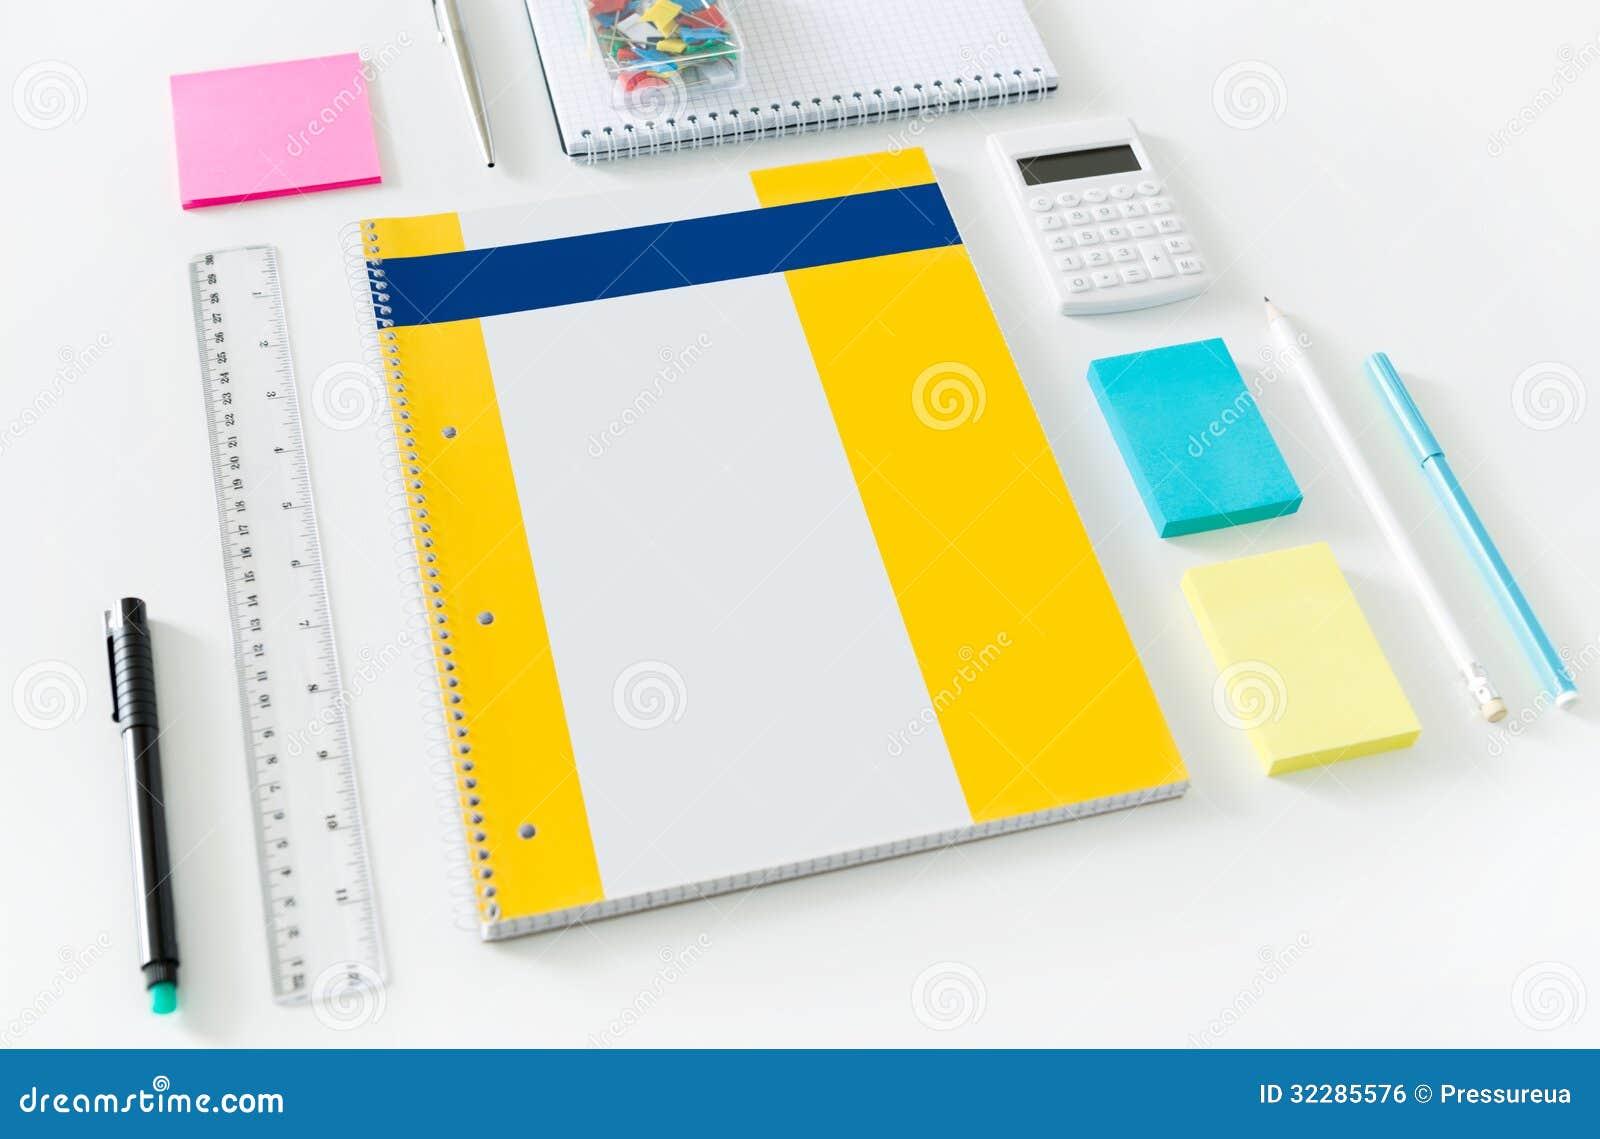 Art culos de la oficina en un escritorio imagen de archivo for Articulos de oficina